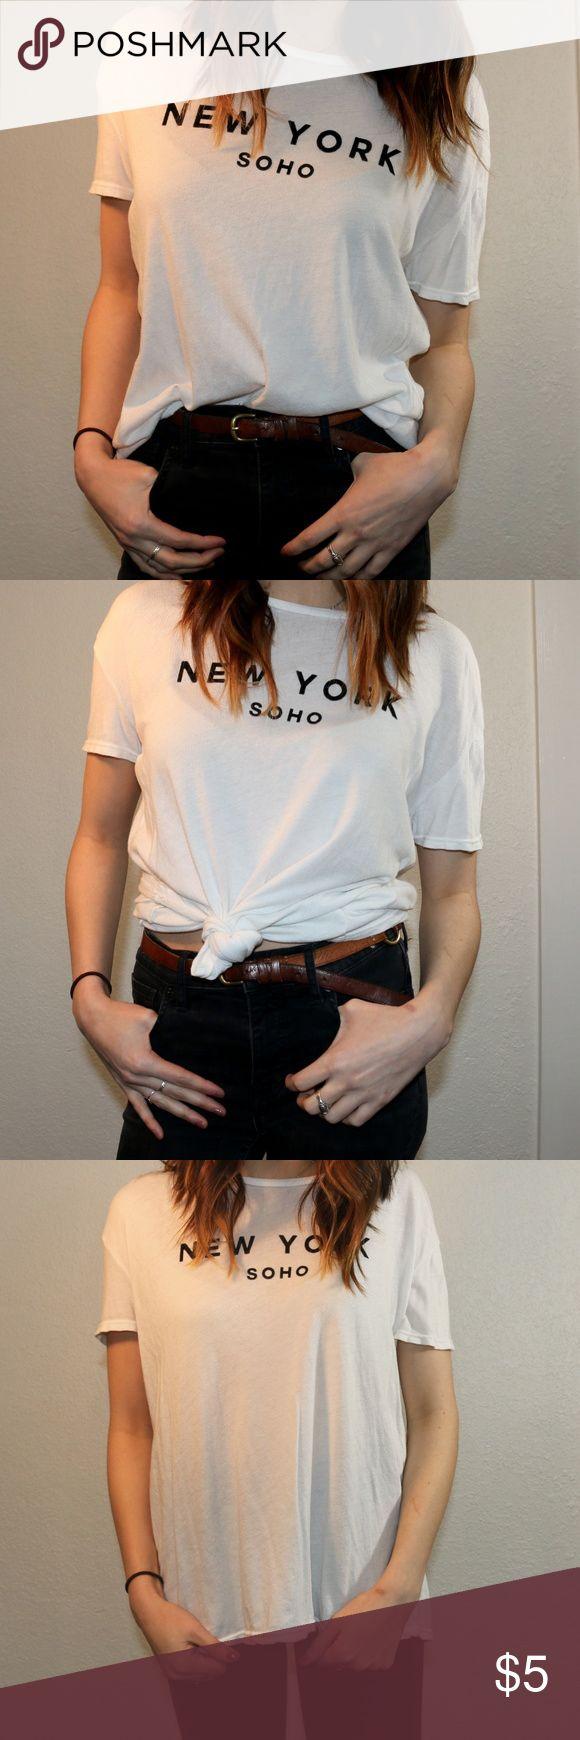 New York Soho Tee Over sized white tee, New York soho PacSun Tops Tees - Short Sleeve